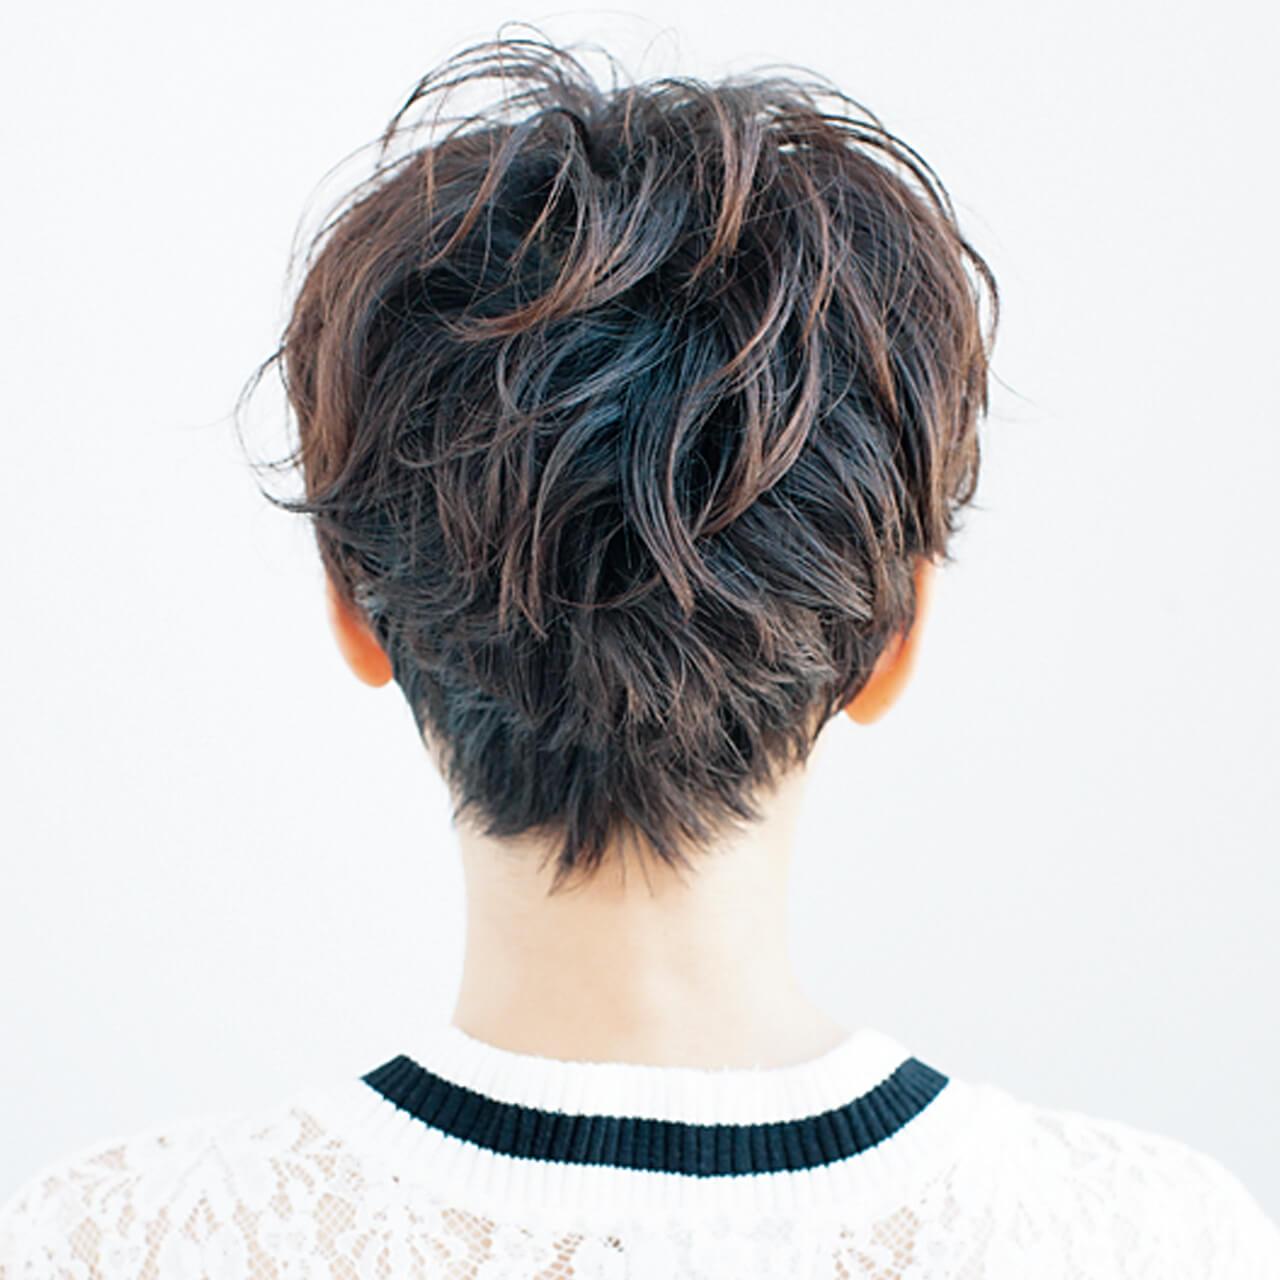 クセ毛を生かしたベリーショートで女らしさアップ!【40代のショートヘア】_1_3